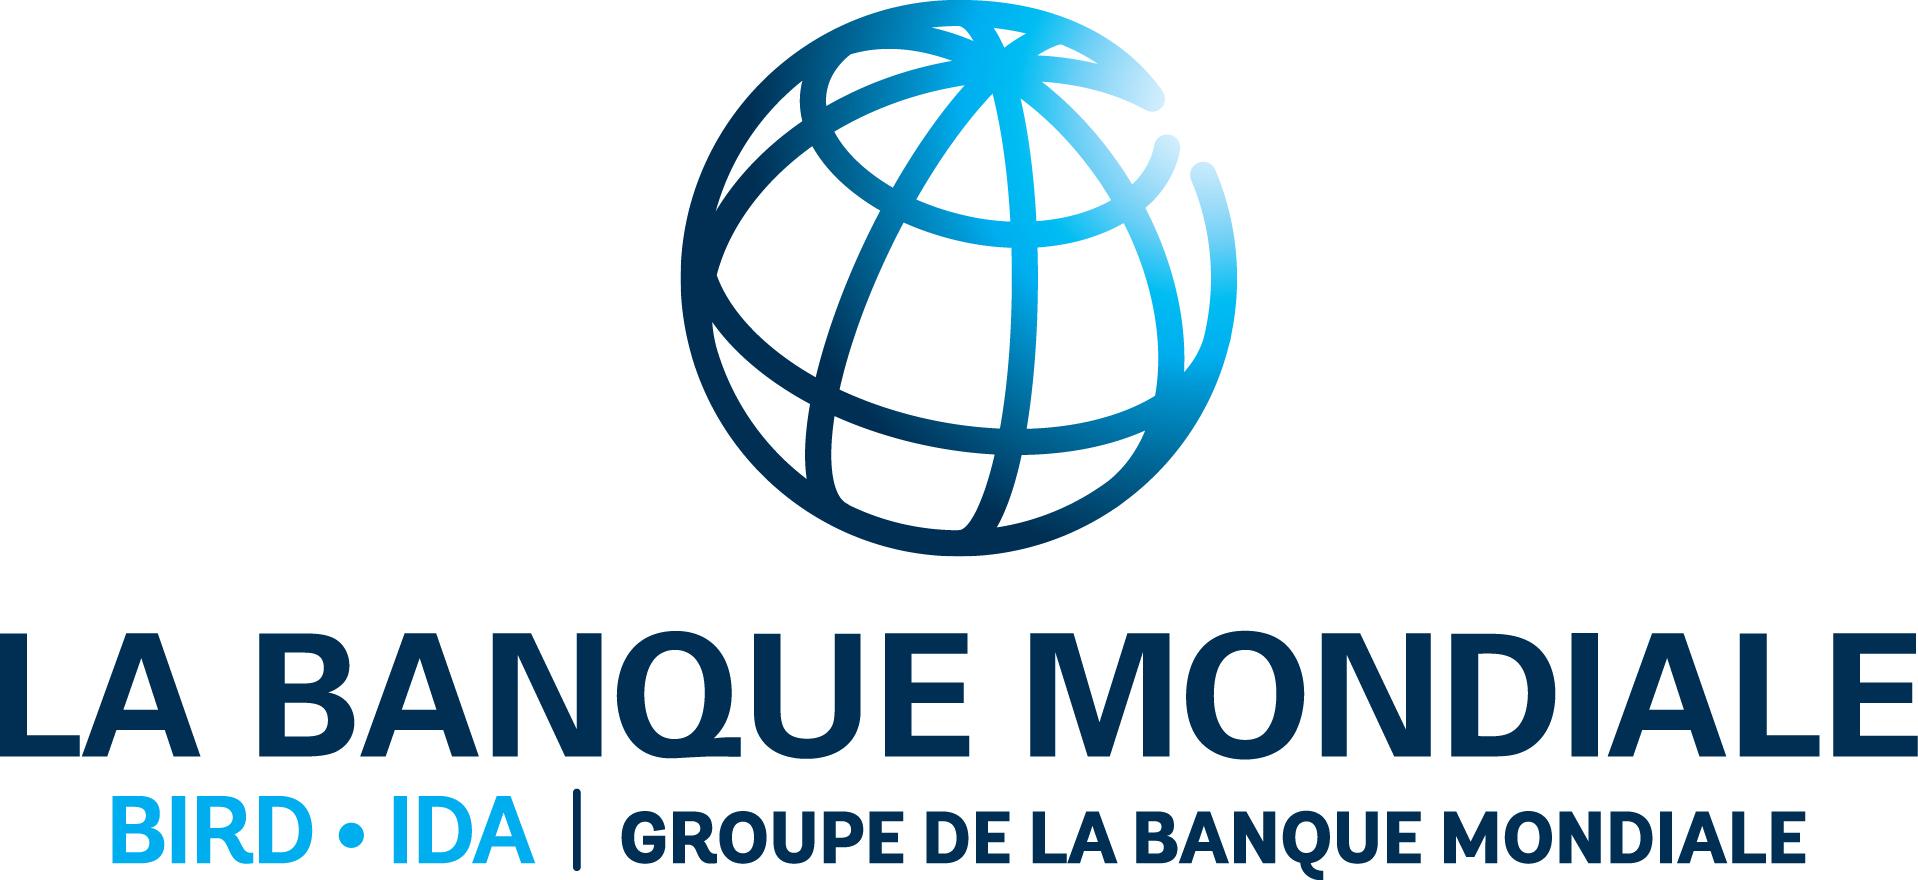 La Banque Mondiale contribue à l'accélération de la transformation numérique au Niger à hauteur de 100 millions de dollars.